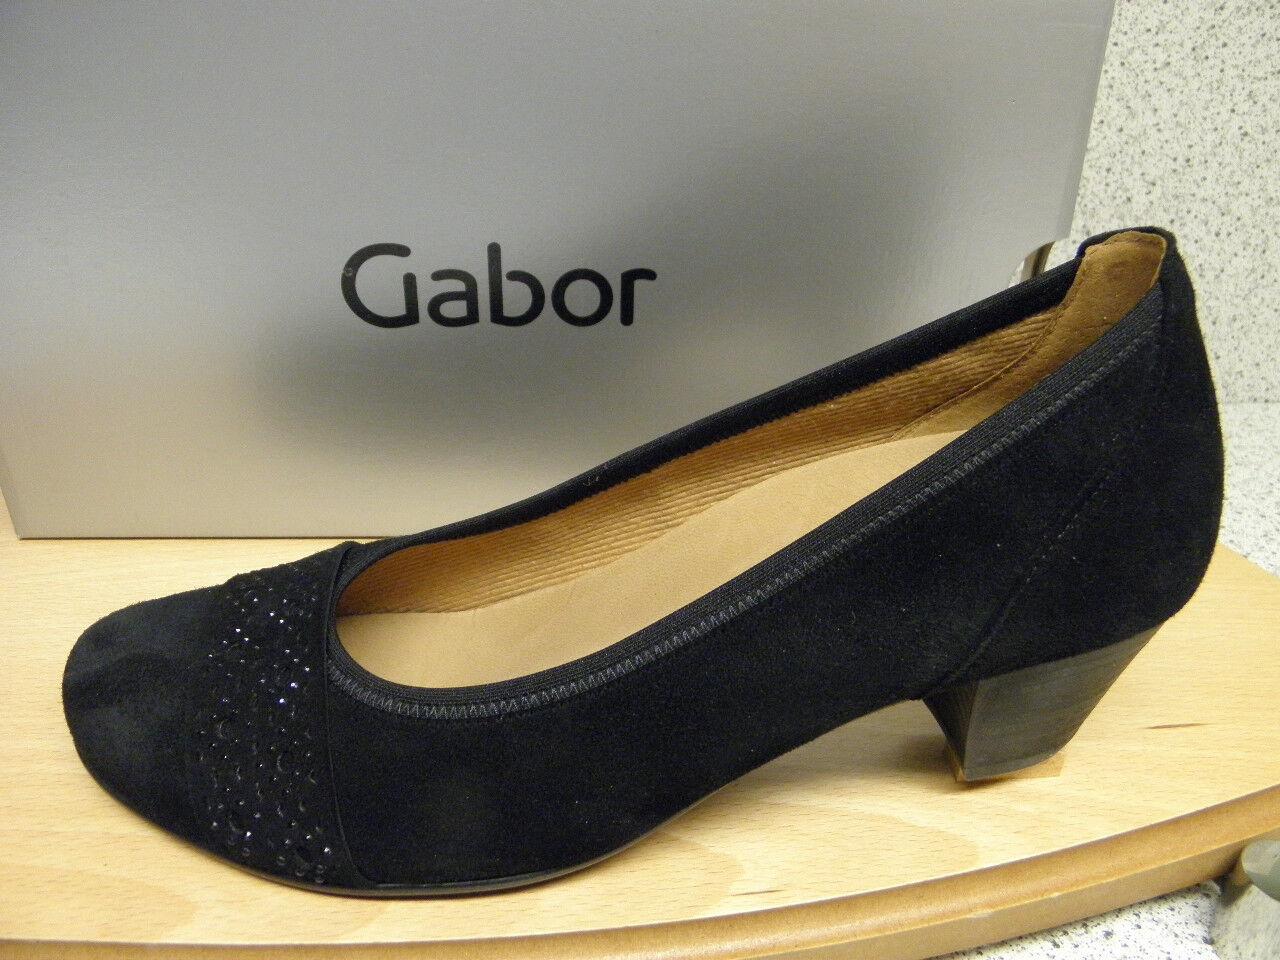 Gabor ® rojouce, hasta ahora  negro de salón super super super cómodos (d114)  El nuevo outlet de marcas online.